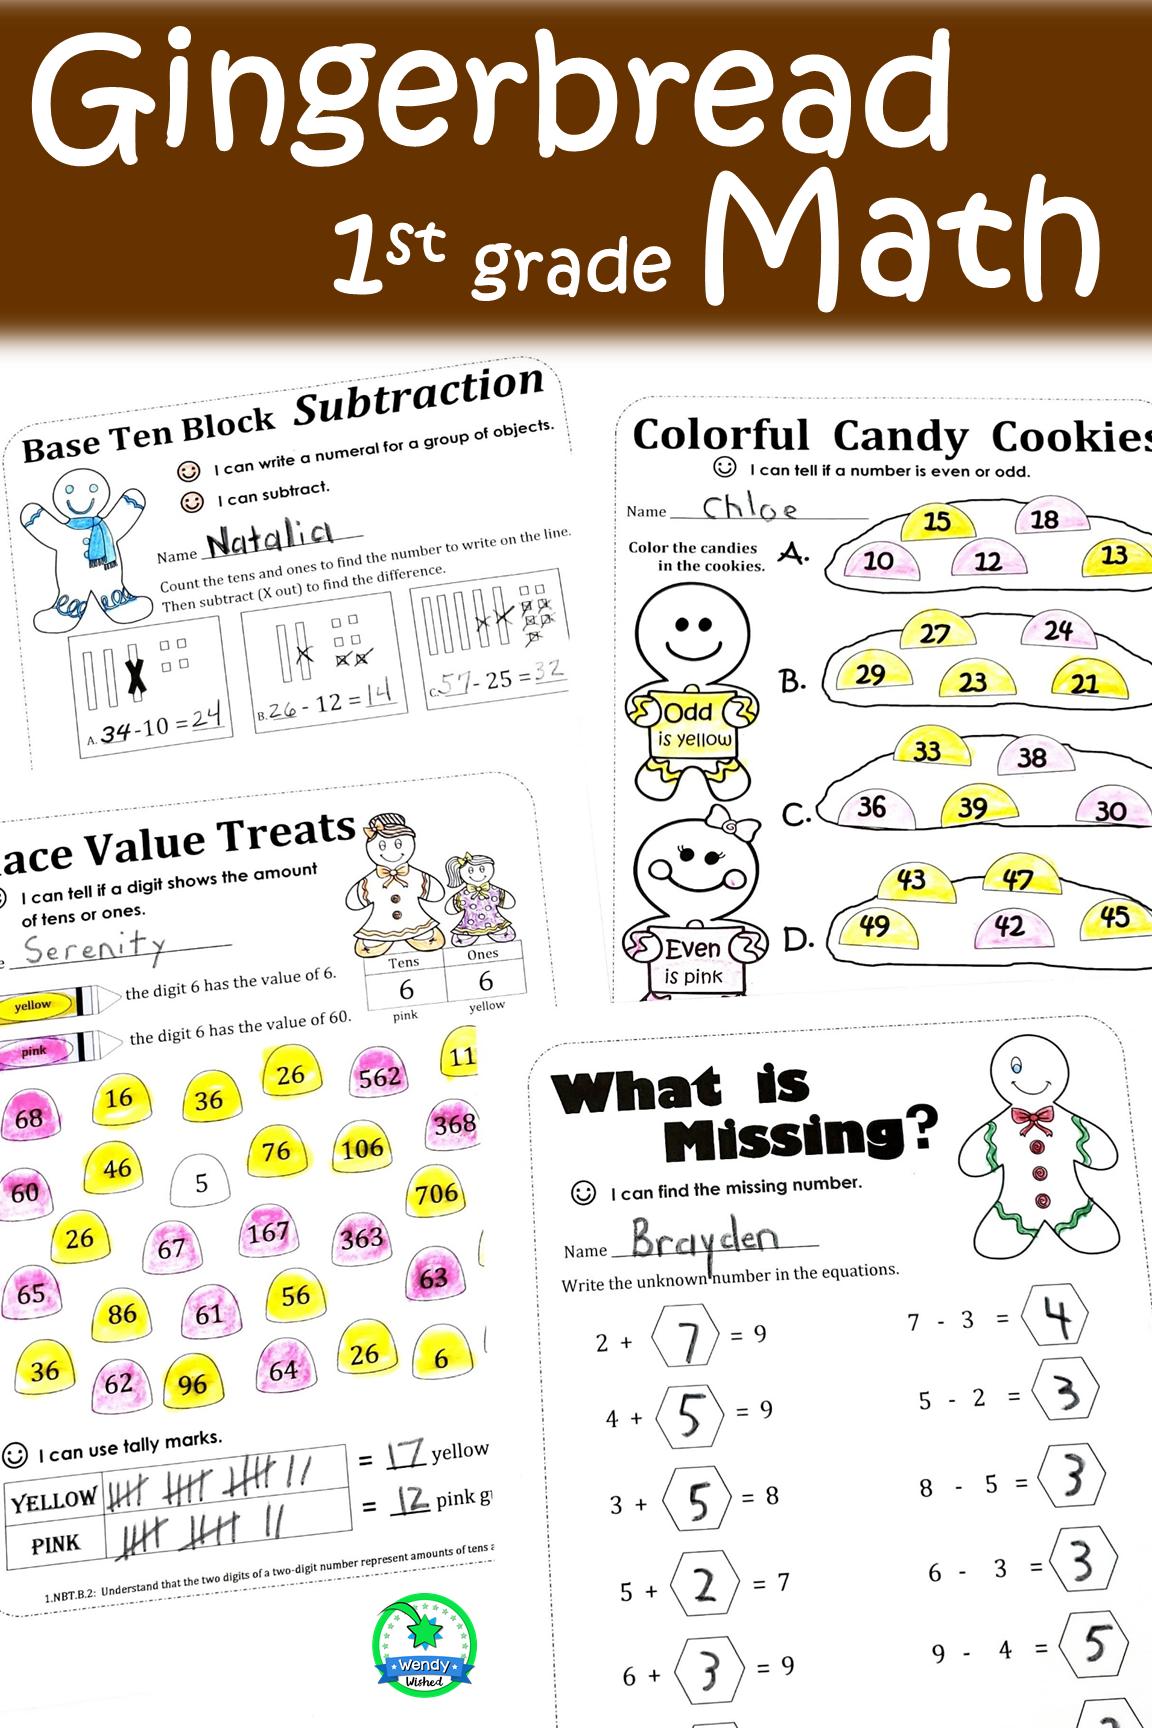 Gingerbread Man Math Worksheet Activities For First Grade